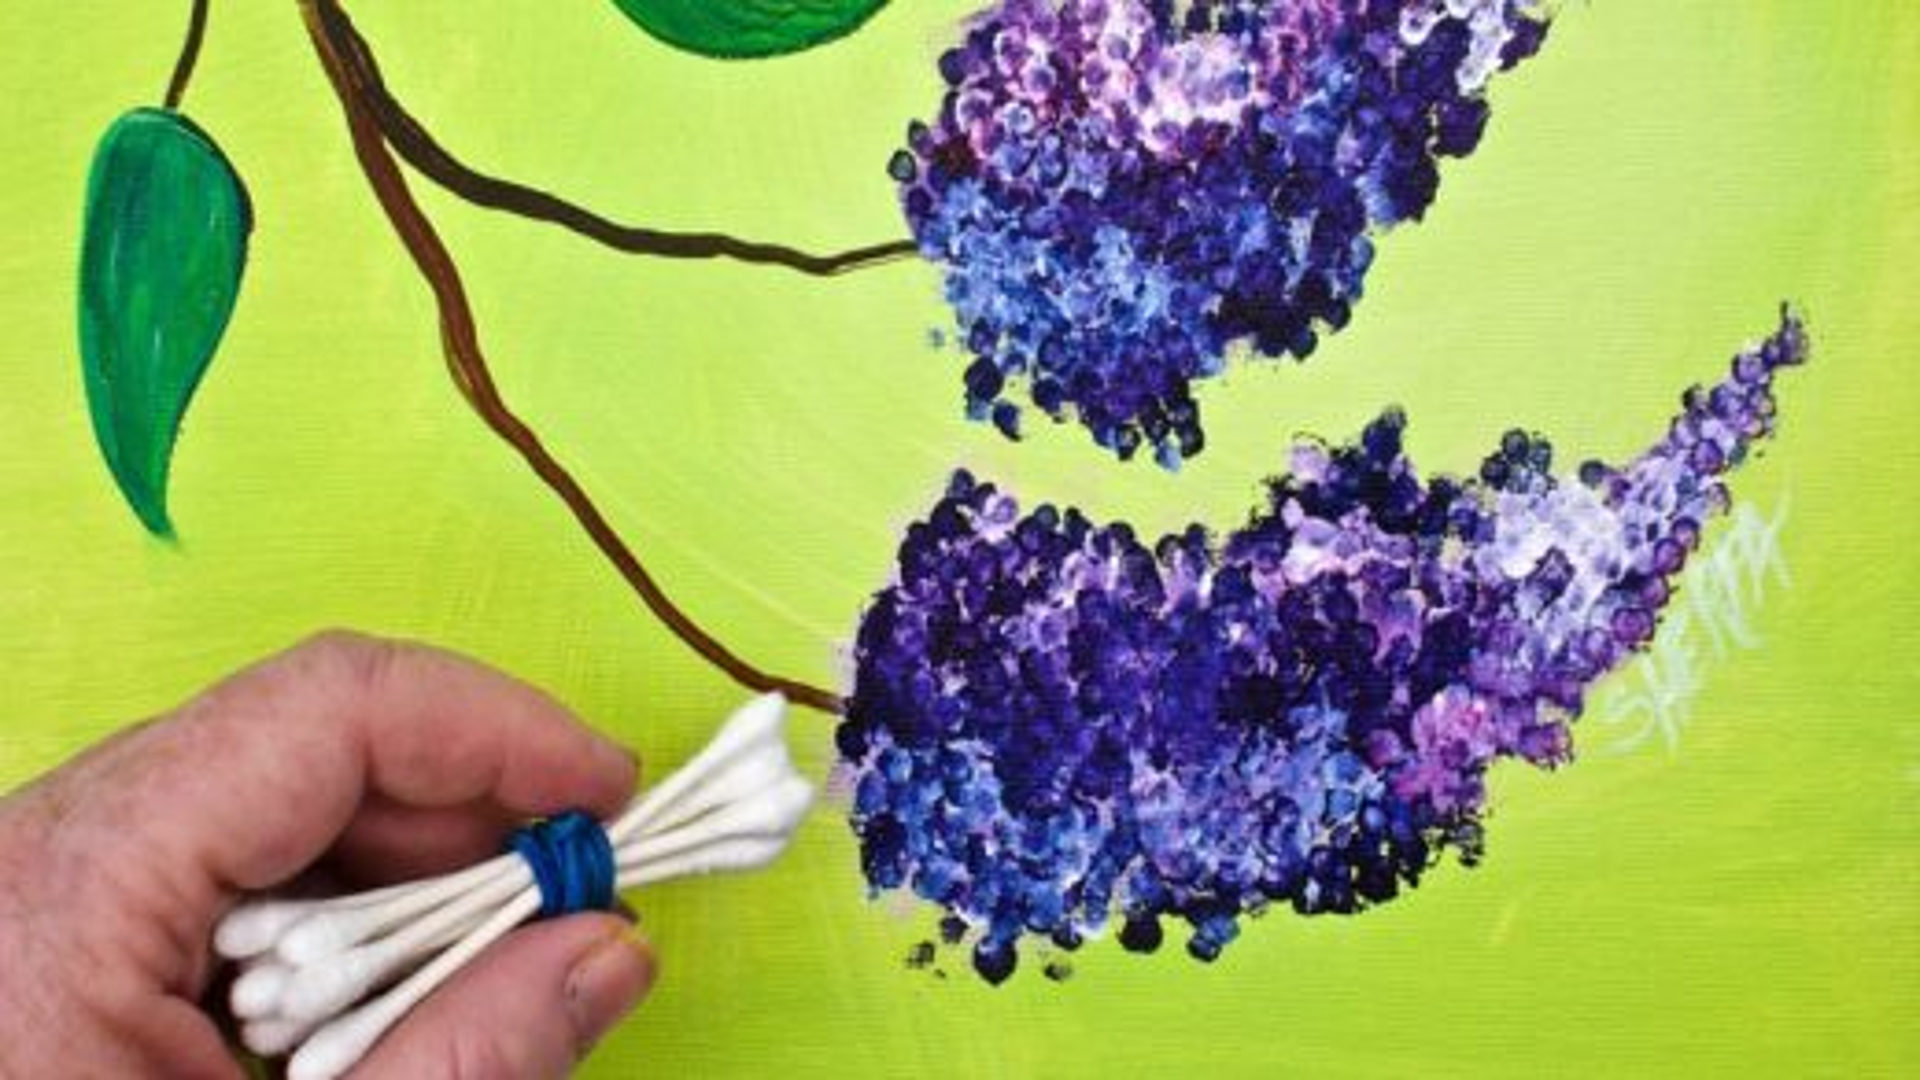 تکنیک نقاشی با آبرنگ؛ آموزش کشیدن گل سنبل | فیلم